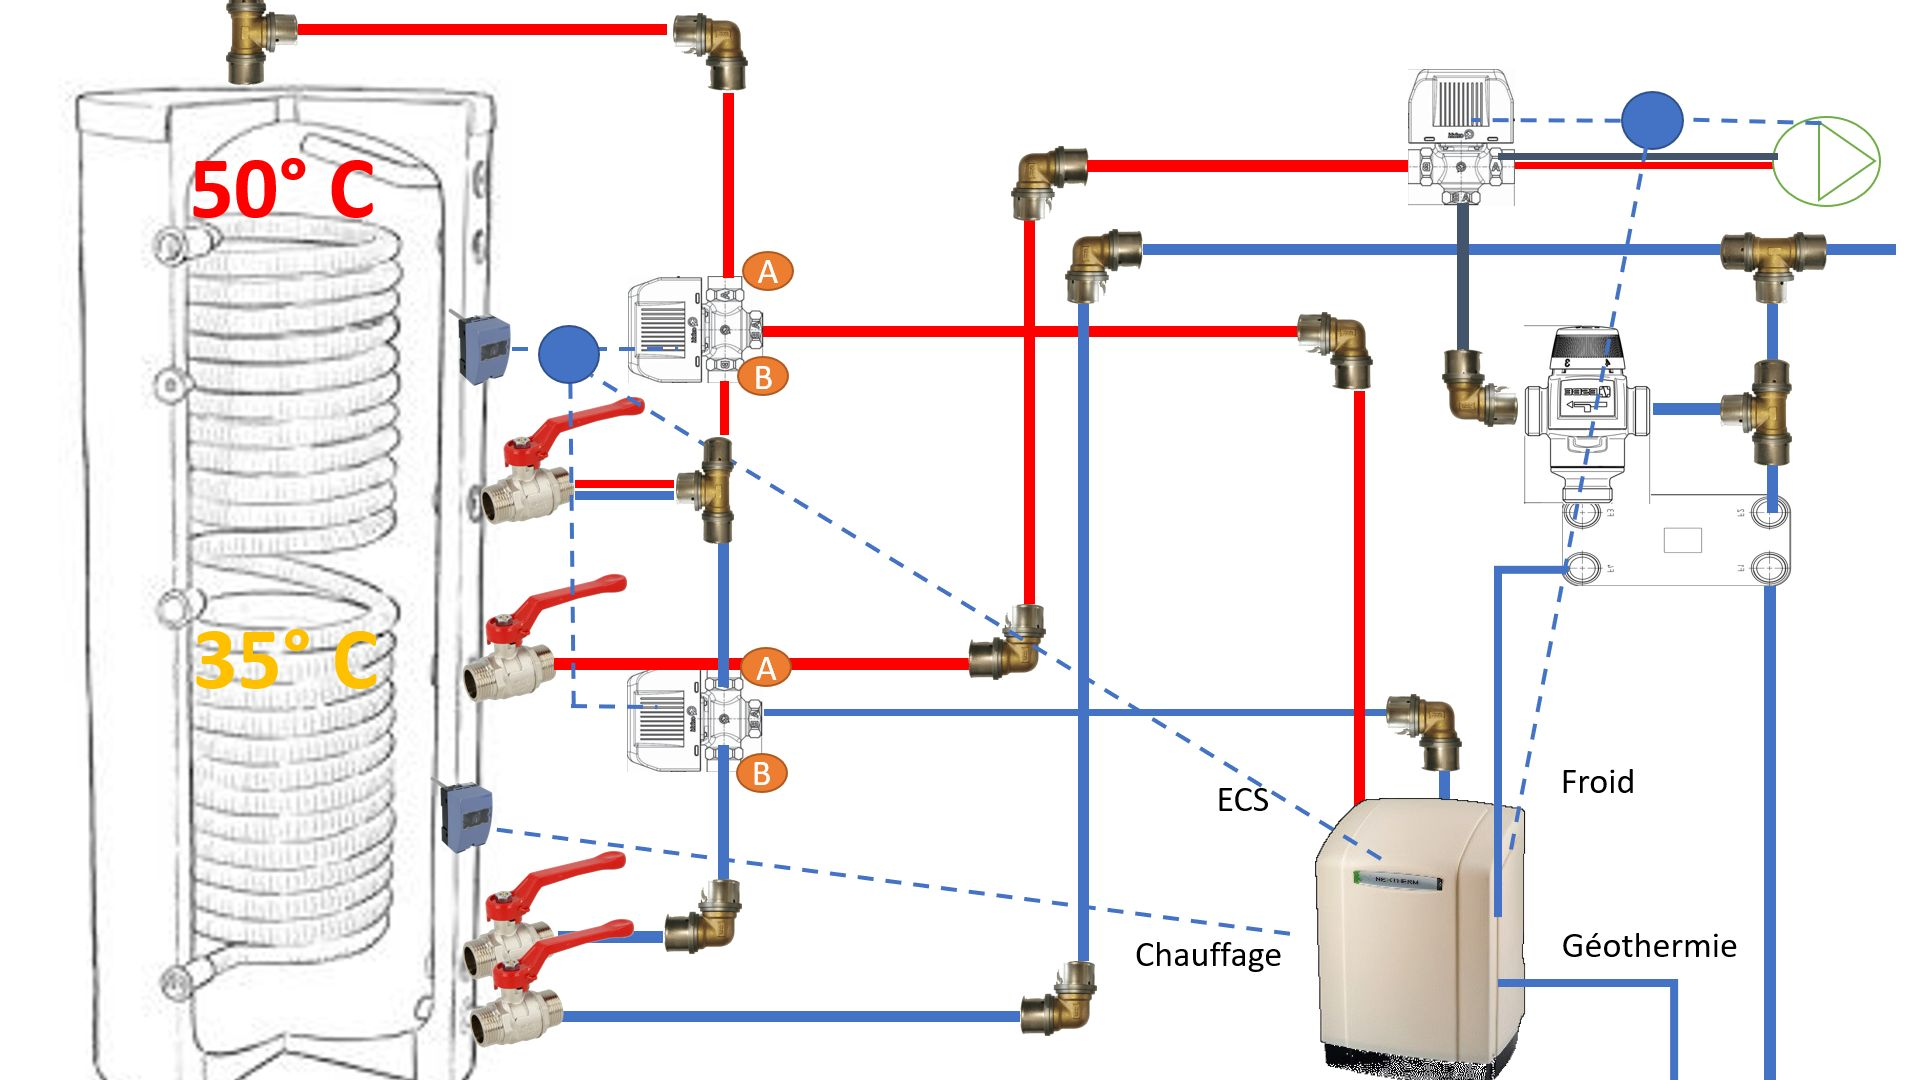 Schéma général d'implantation d'une thermofrigopompe géothermique